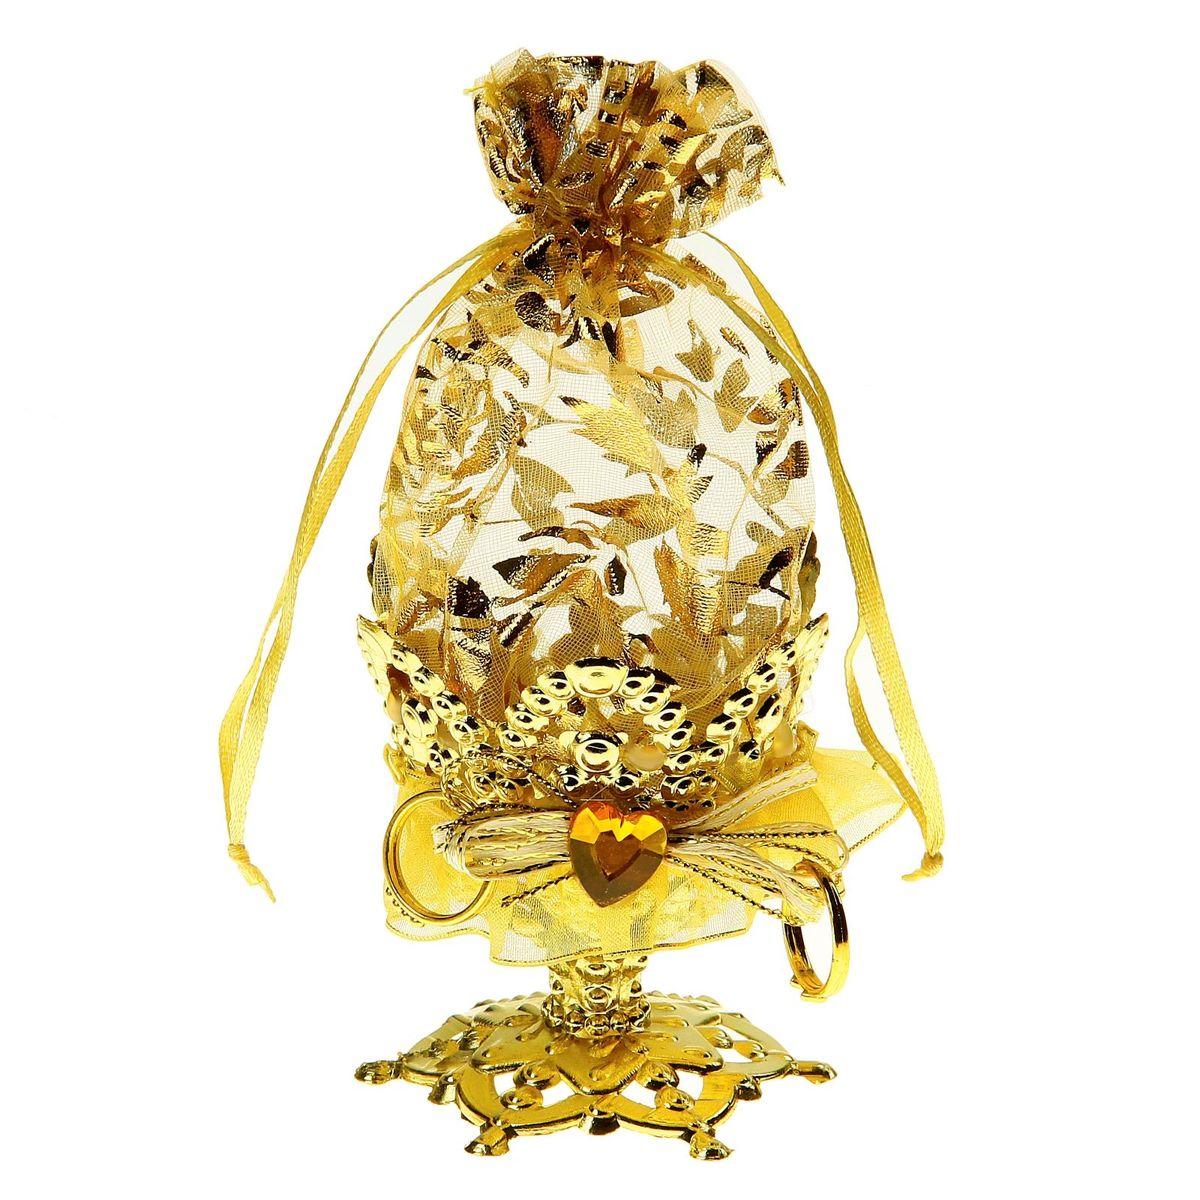 Бонбоньерка Sima-land Сердечки, цвет: золото, 7 x 7 x 14 см1023253Очень красивая традиция современной свадьбы, пришедшая к нам с Запада, — дарить гостям бонбоньерки с угощениями в знак благодарности тому, кто пришел на свадьбу. Как правило, приглашённых угощают миндалём, конфетами или марципанами, но фантазировать можно сколько угодно! Бонбоньерка Сердечки, цвет золото — это необычная конфетница с эффектным дизайном, куда можно спрятать угощение для дорогих вашему сердцу людей. Она завершит свадебное торжество, и оставит гостей в полном восторге.